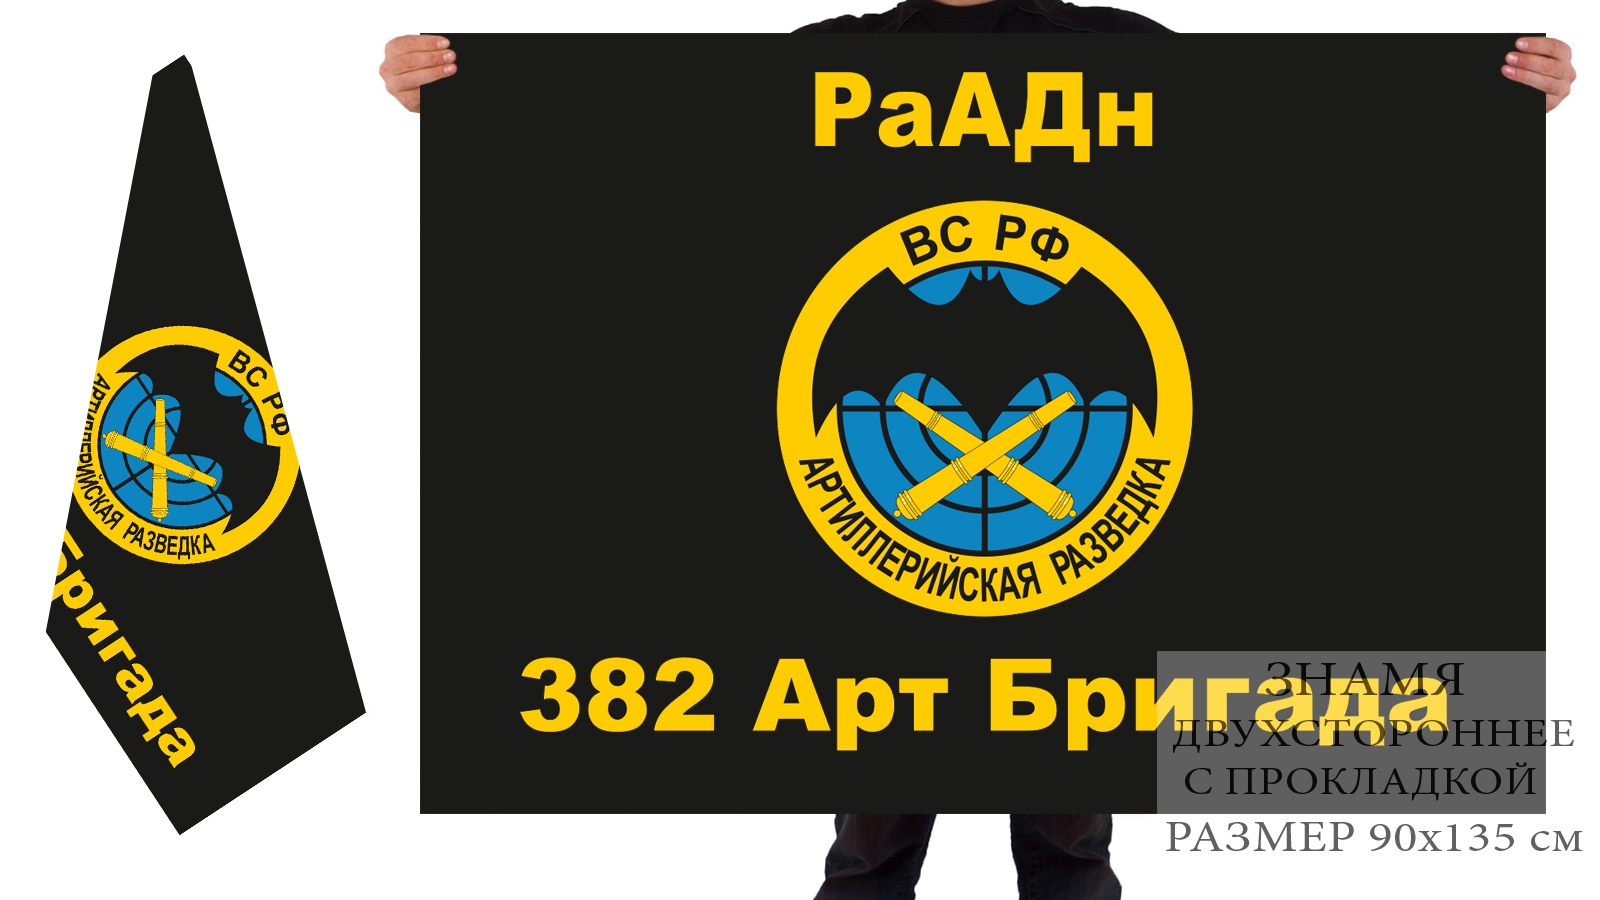 Двусторонний флаг 382 арт бригады